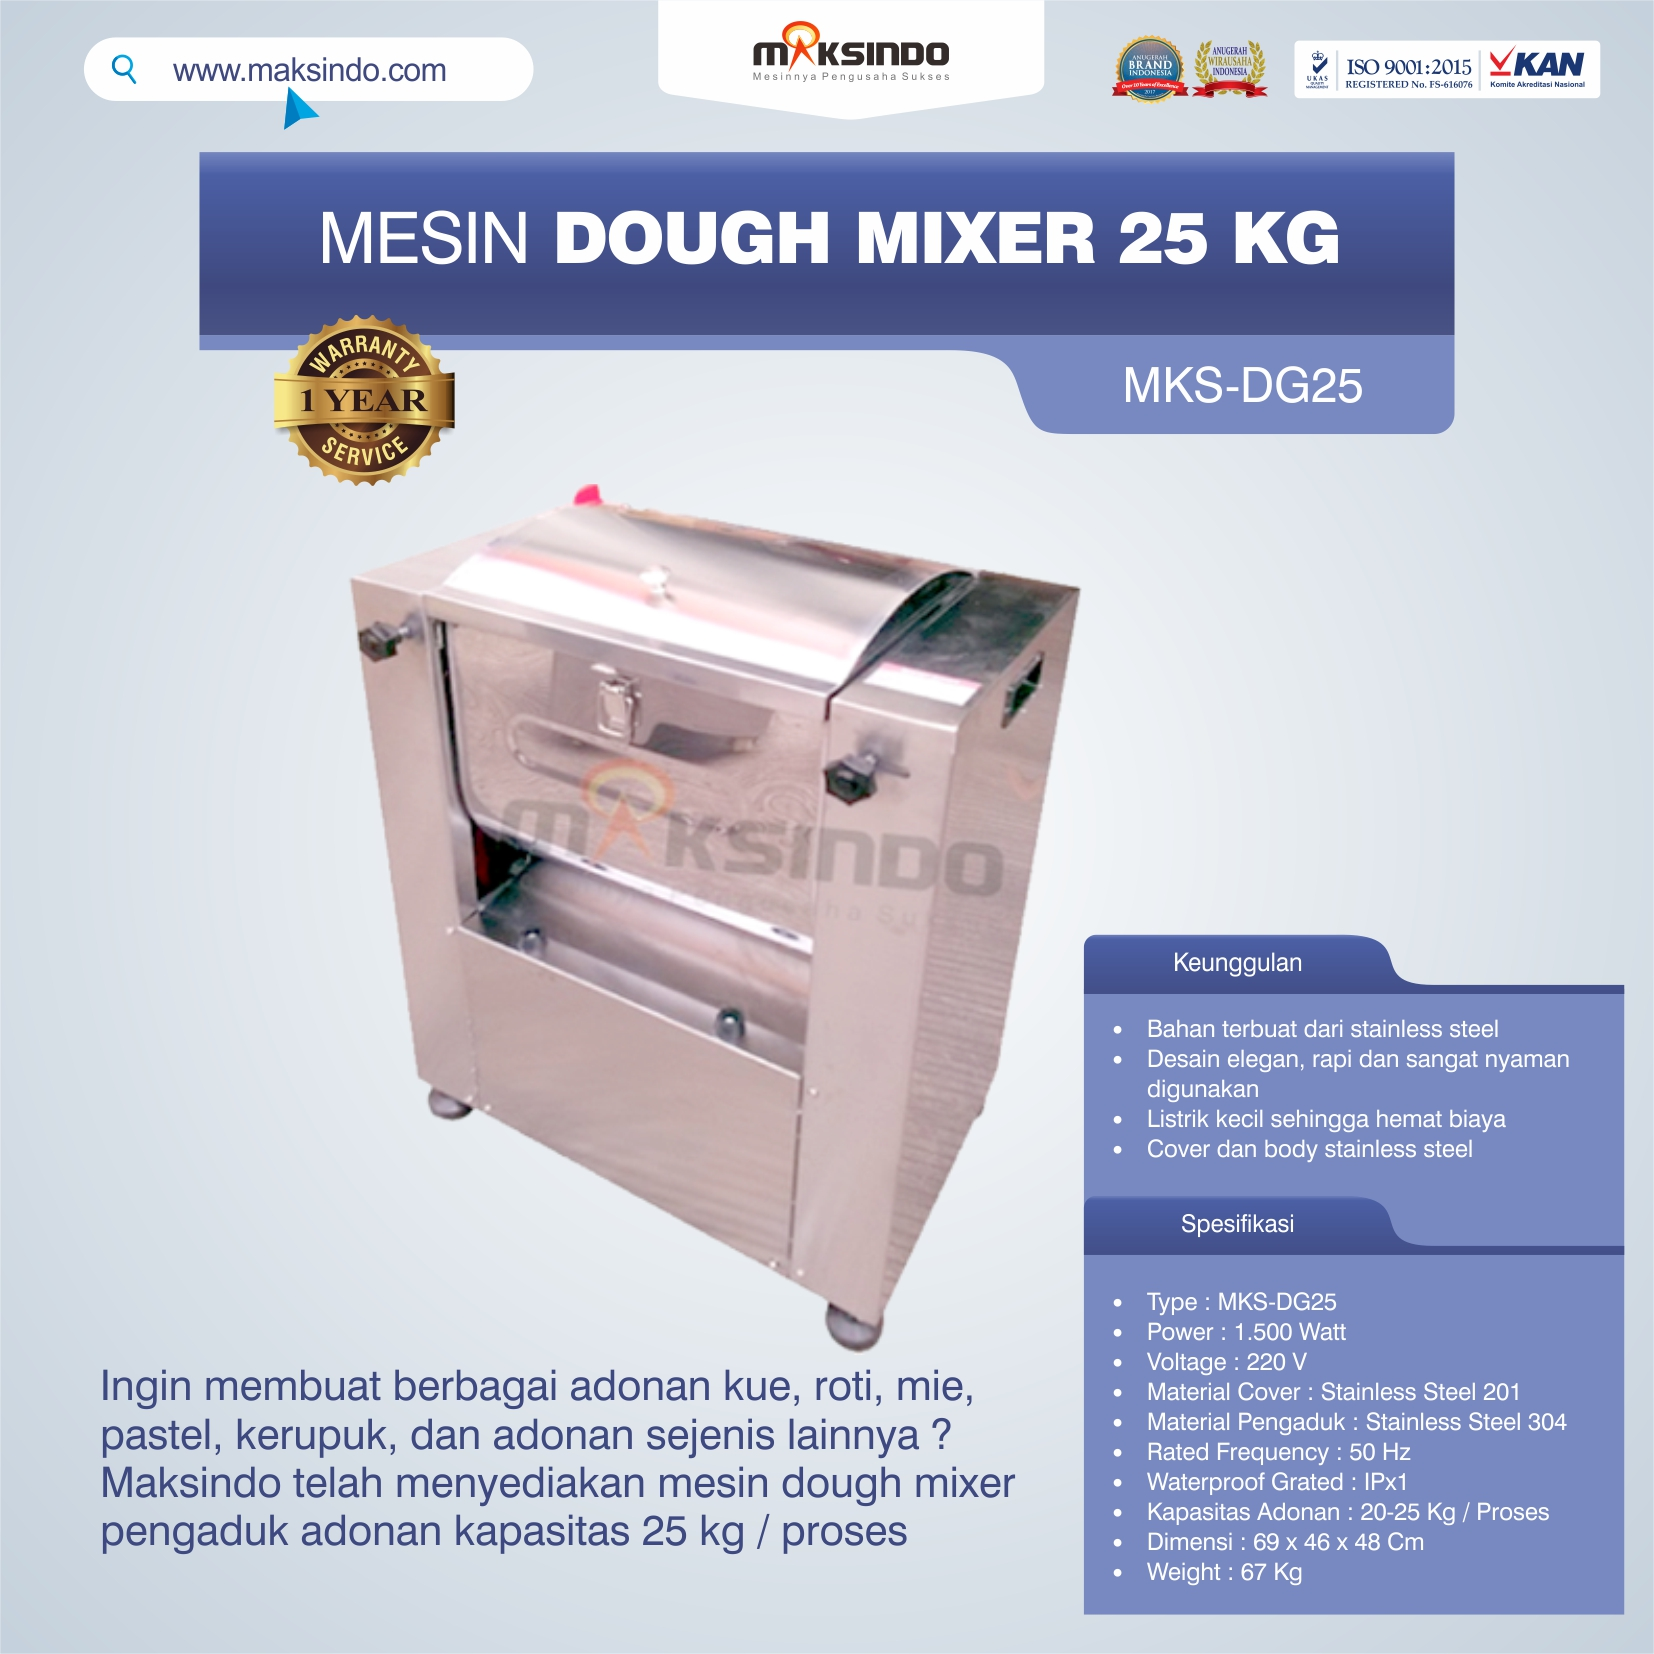 Jual Mesin Dough Mixer 25 kg (MKS-DG25) di Bekasi